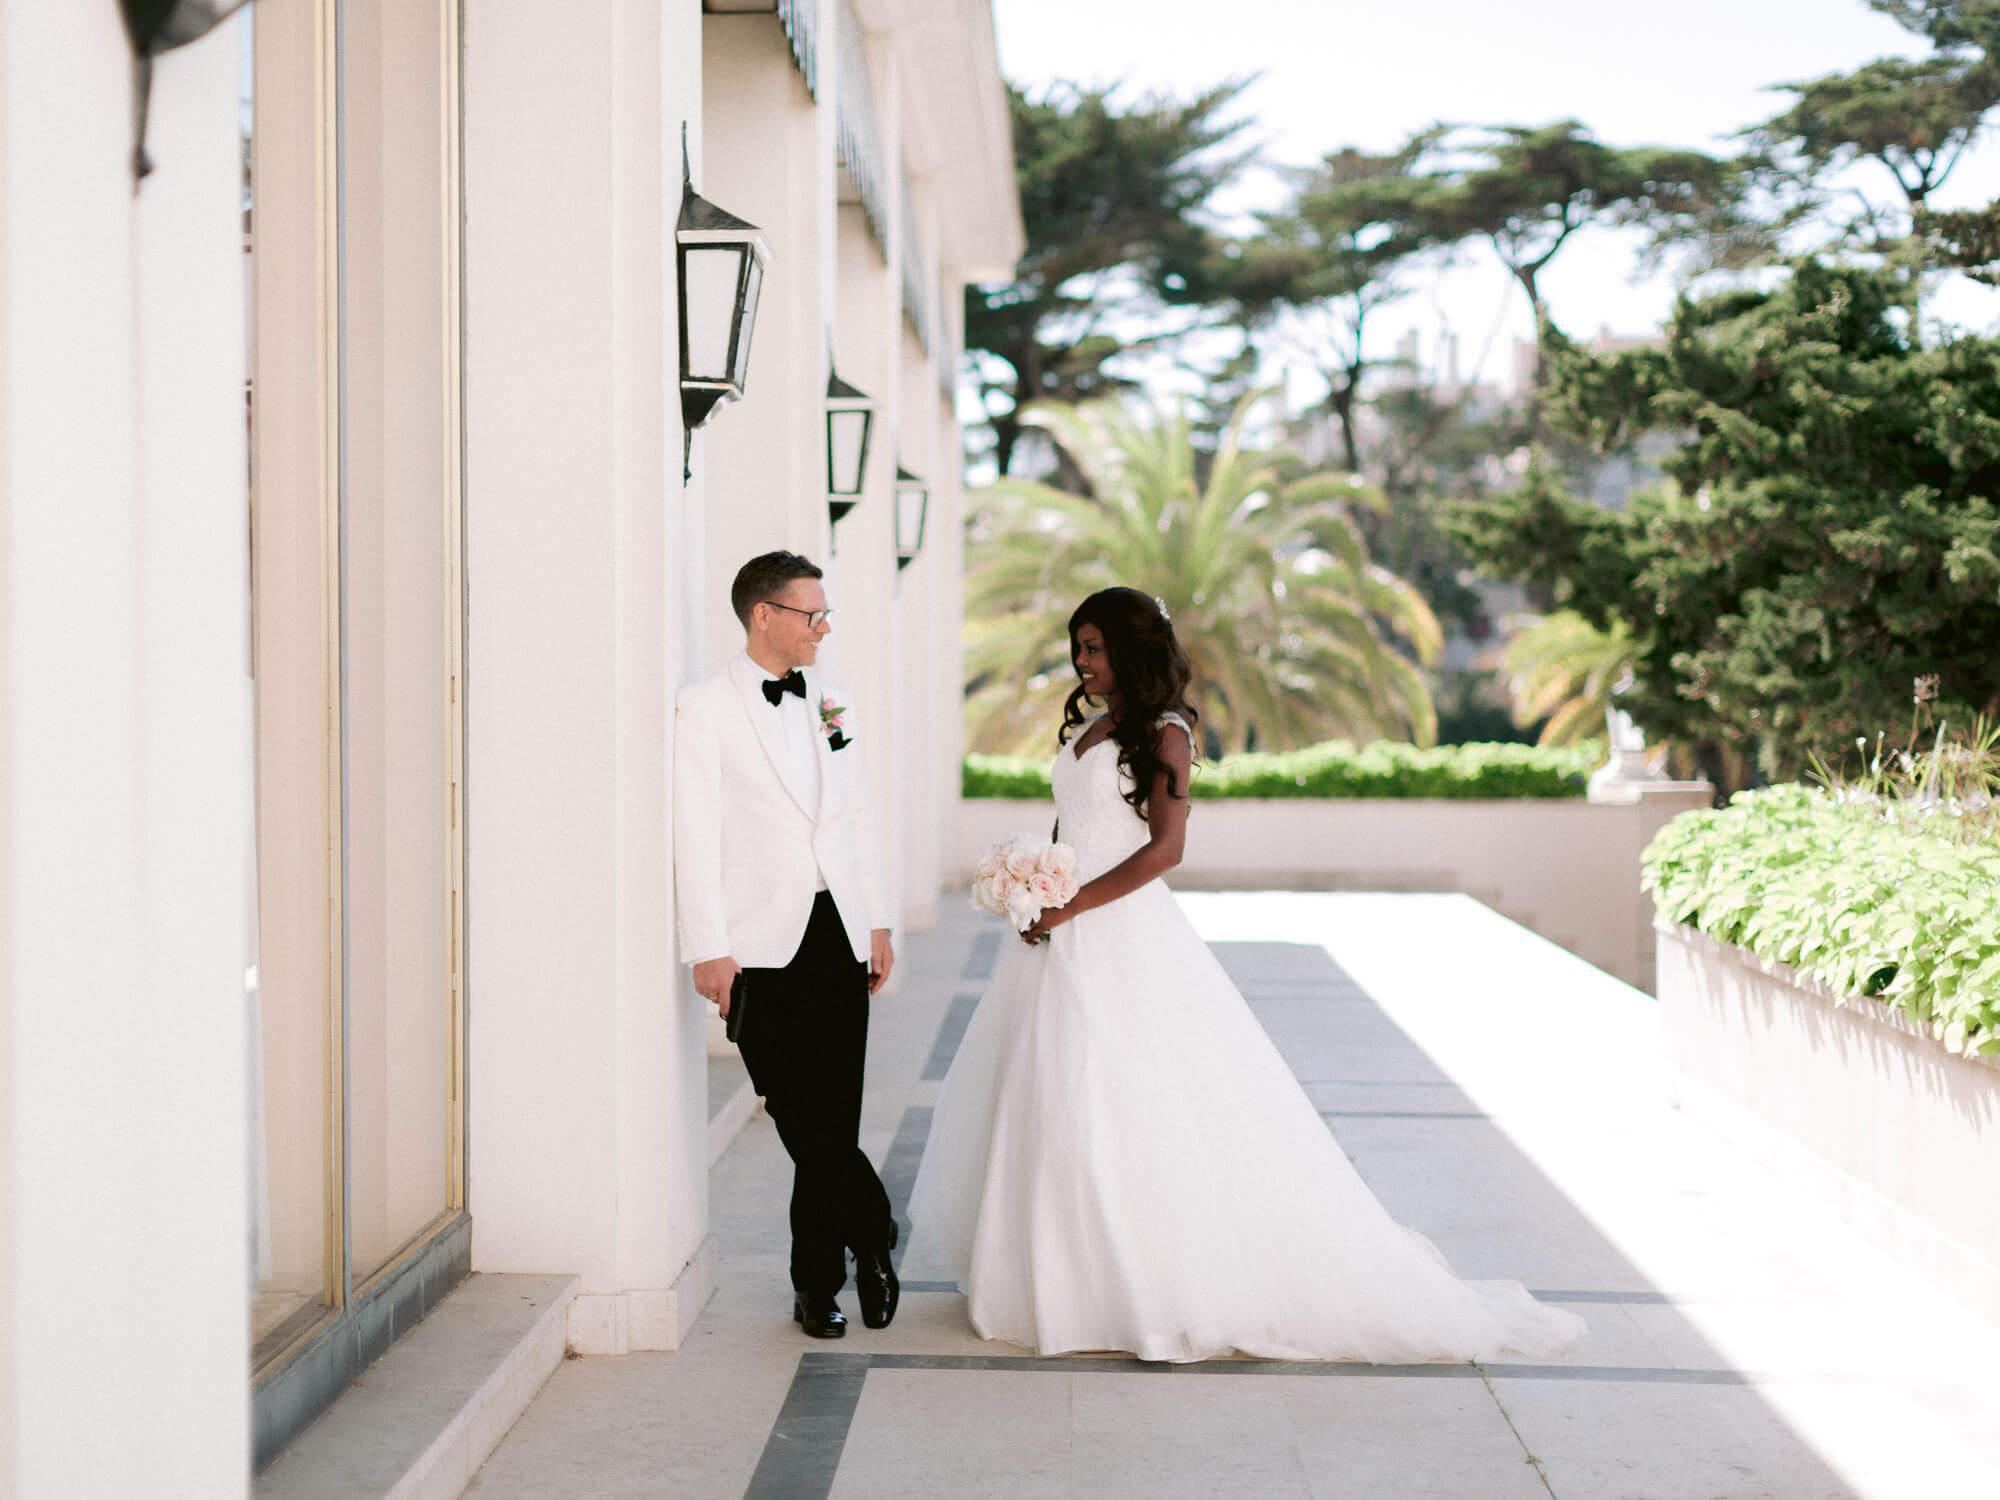 bride and groom romantic look in Hotel Palacio Estoril by Portugal Wedding Photographer